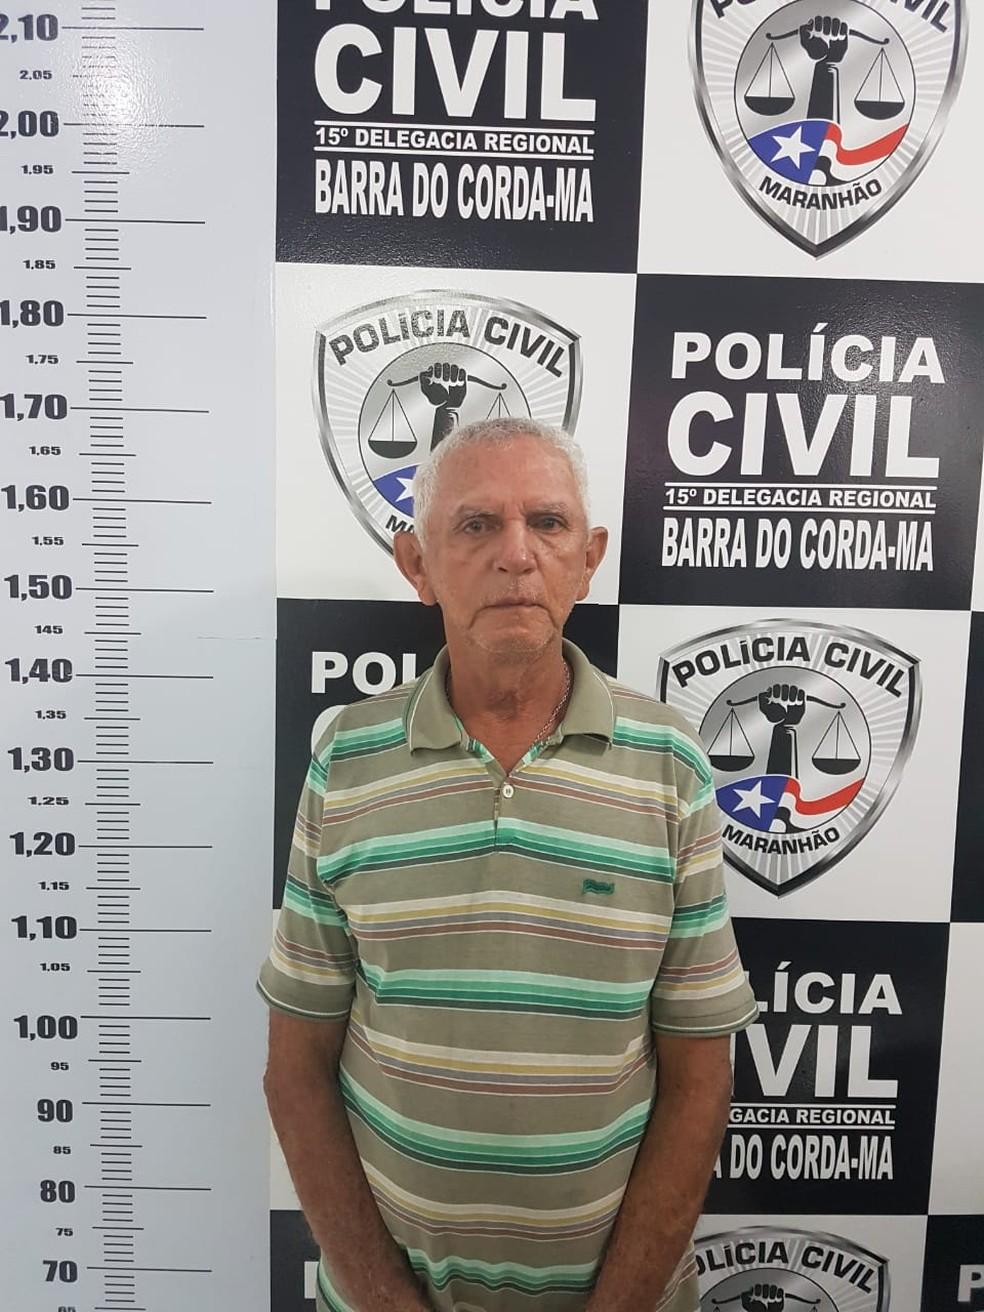 Ruy Tavares Queiros, de 65 anos, foi preso por suspeita de estuprar uma adolescente de 14 anos — Foto: Divulgação/ Polícia Civil